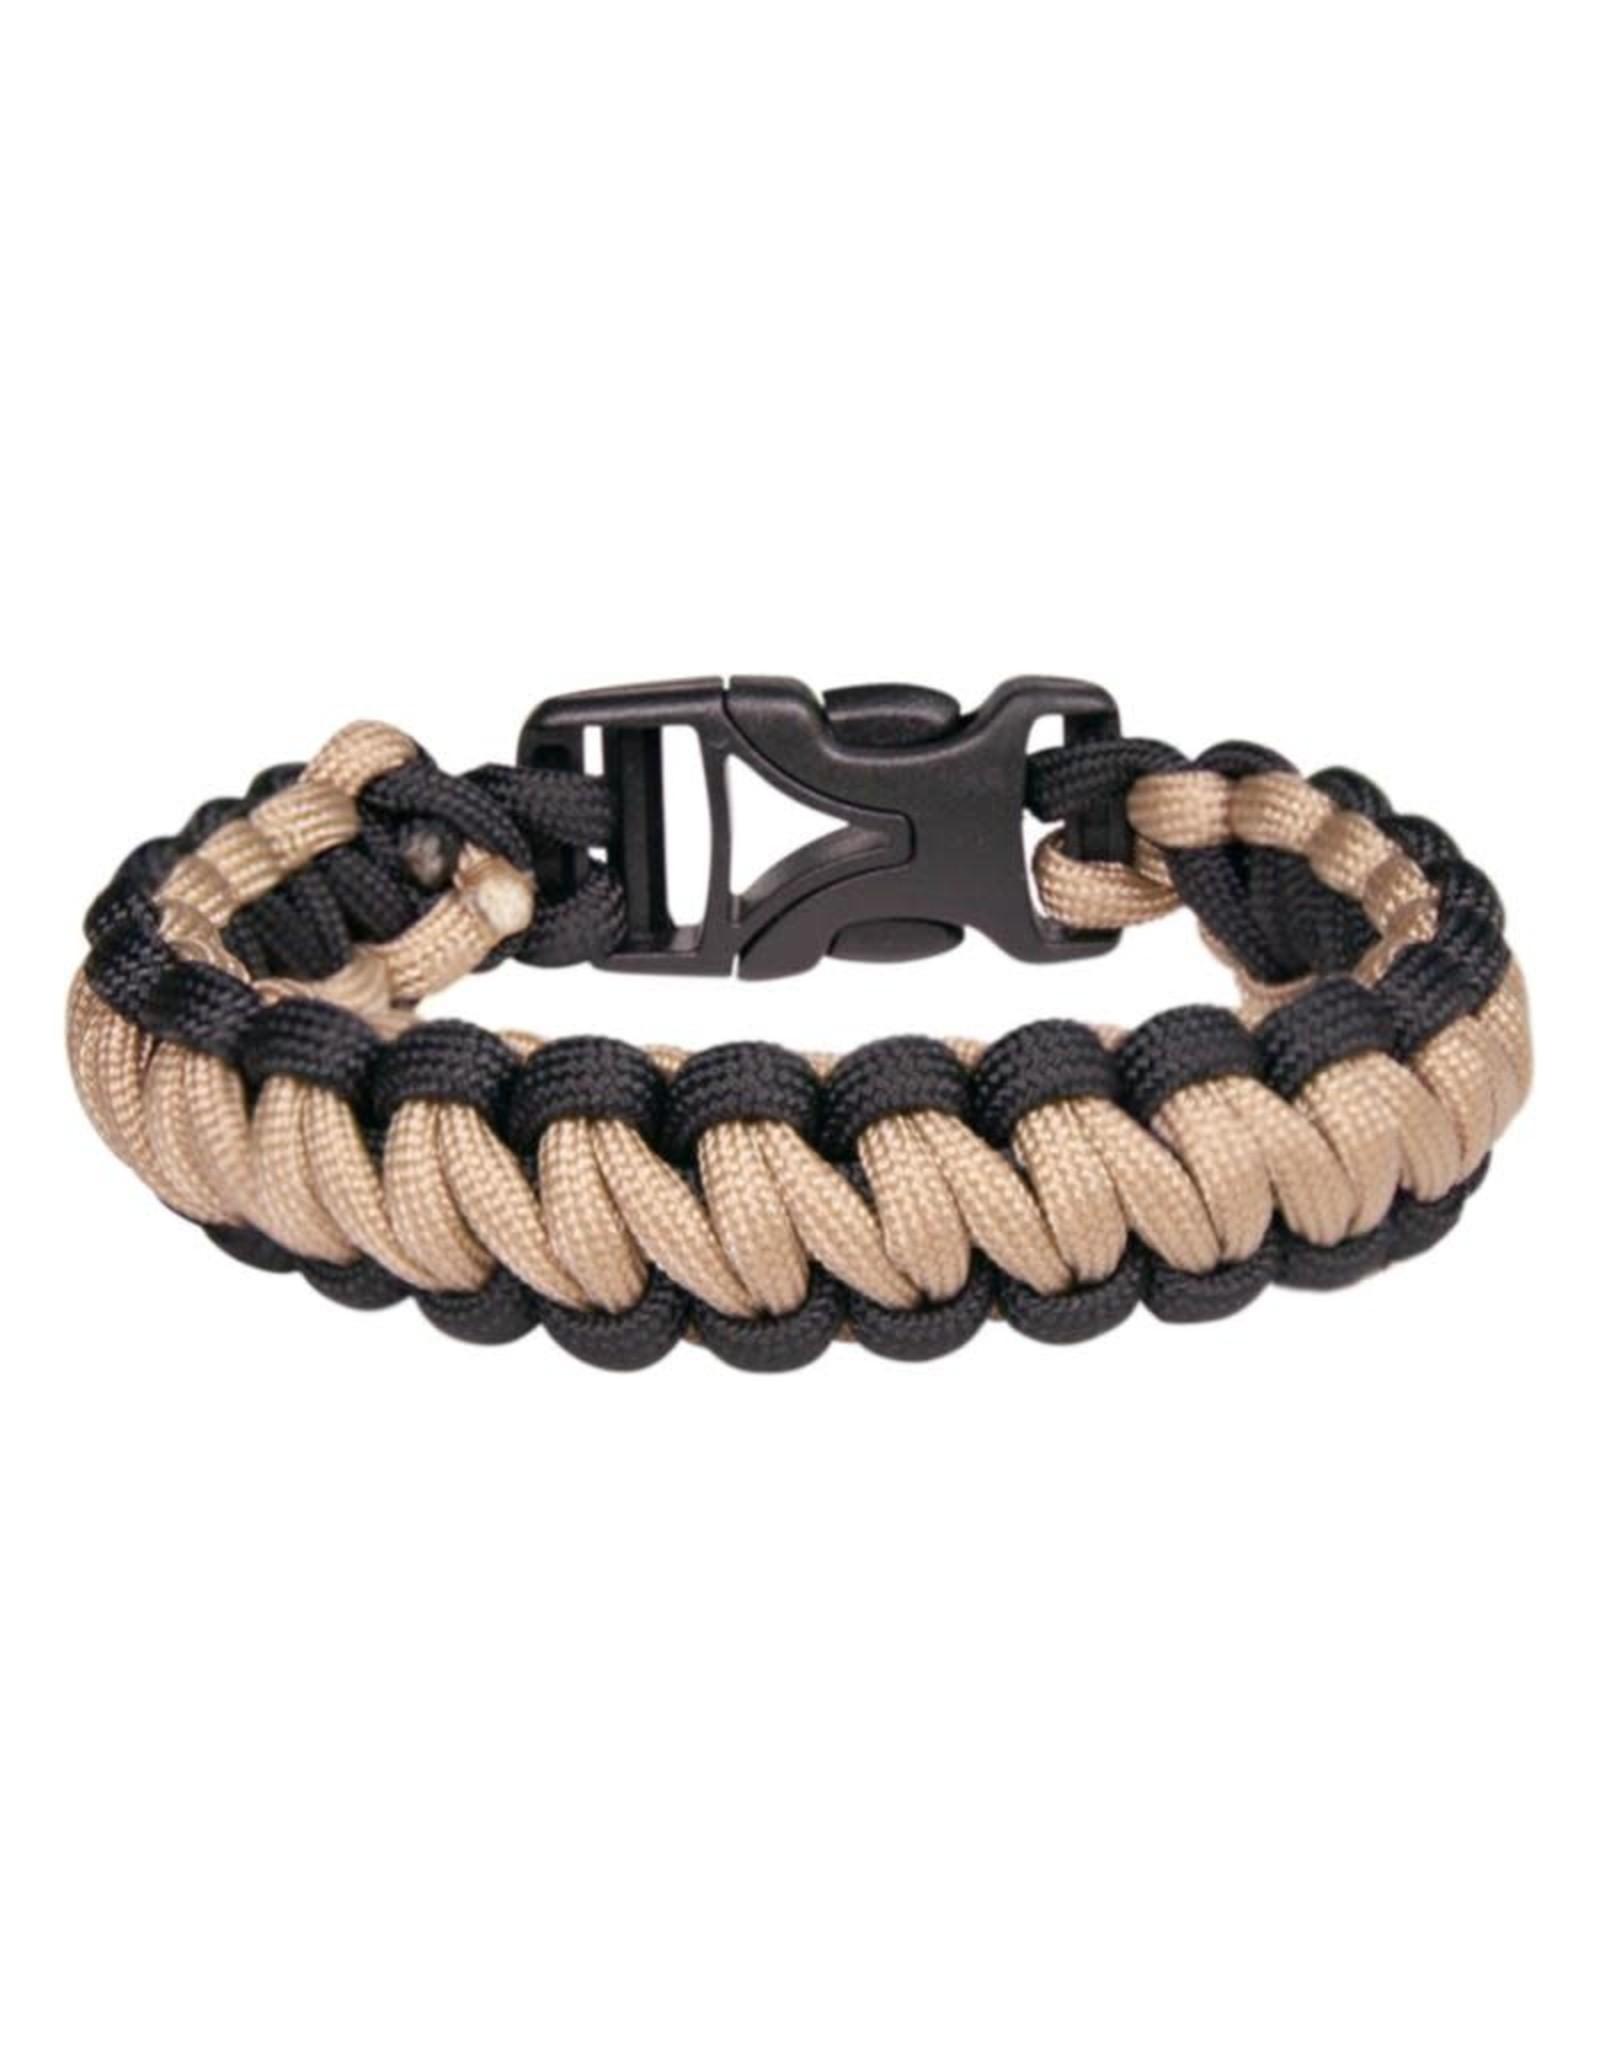 Coghlan's Paracord Bracelets